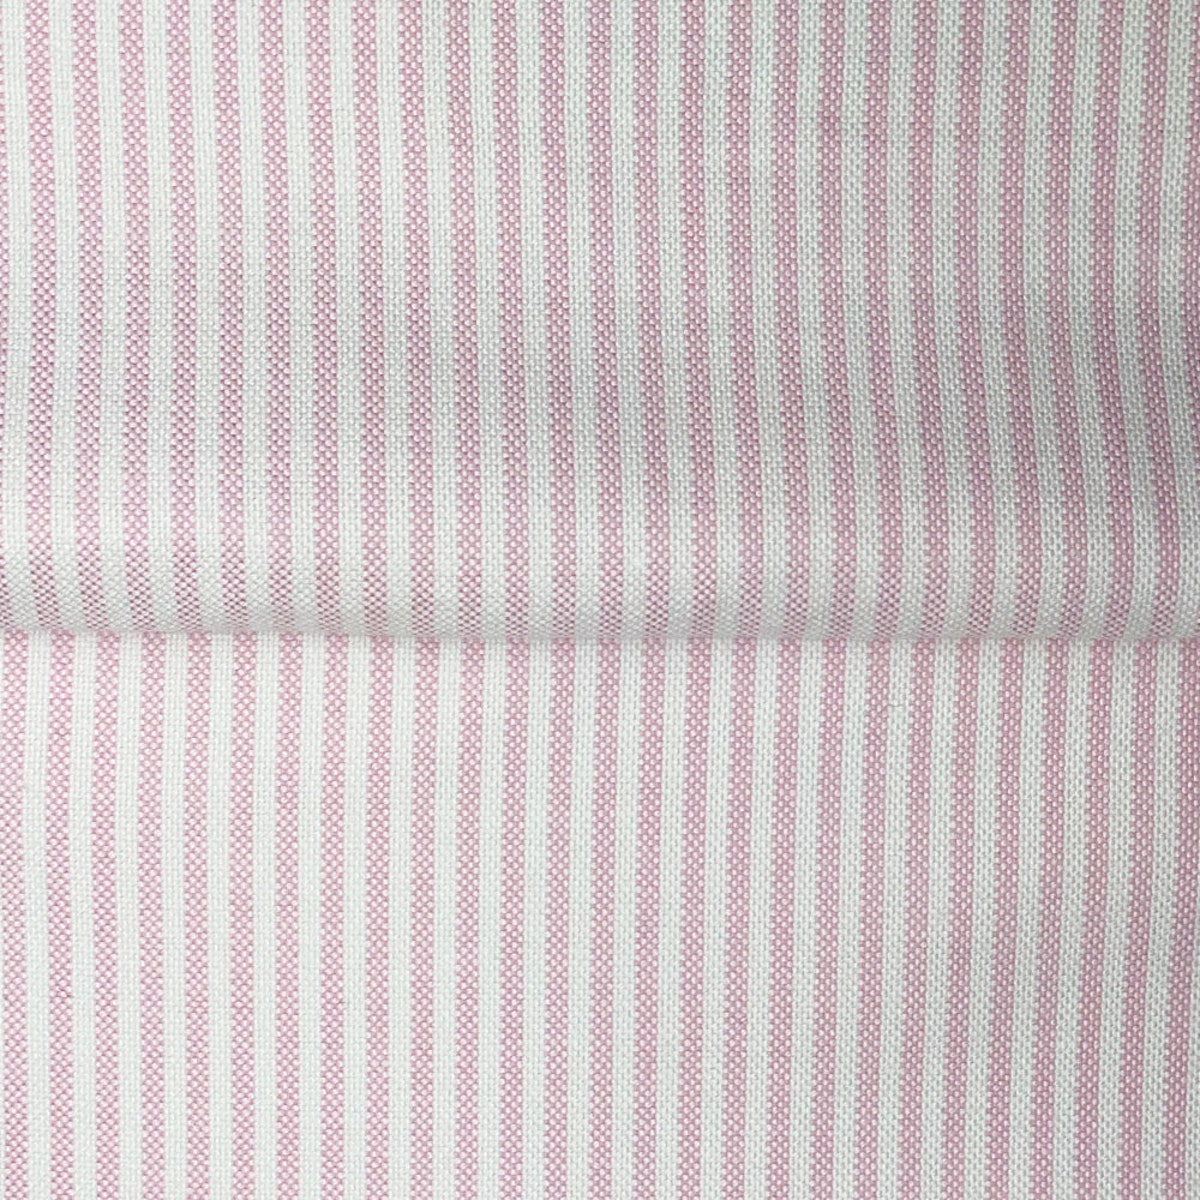 InStitchu Shirt Fabric 184